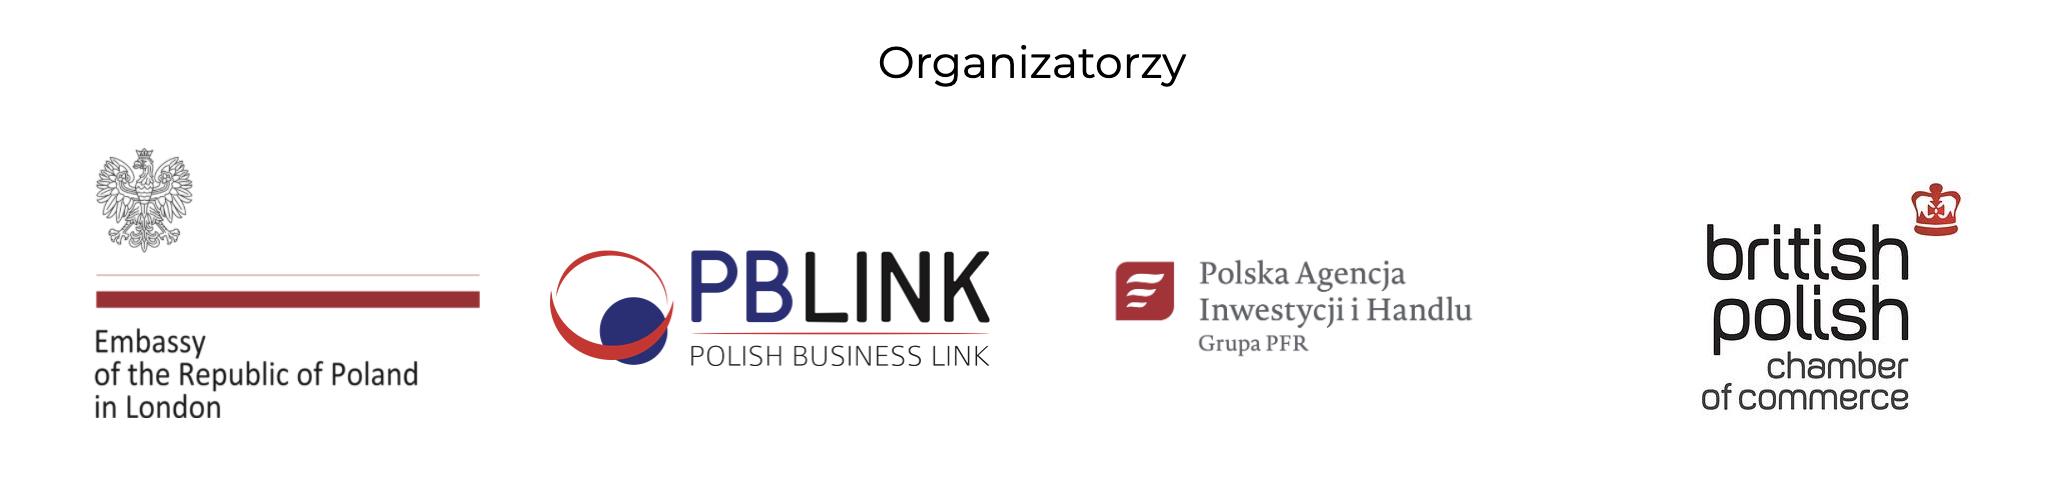 Organizacje biznesowe w UK